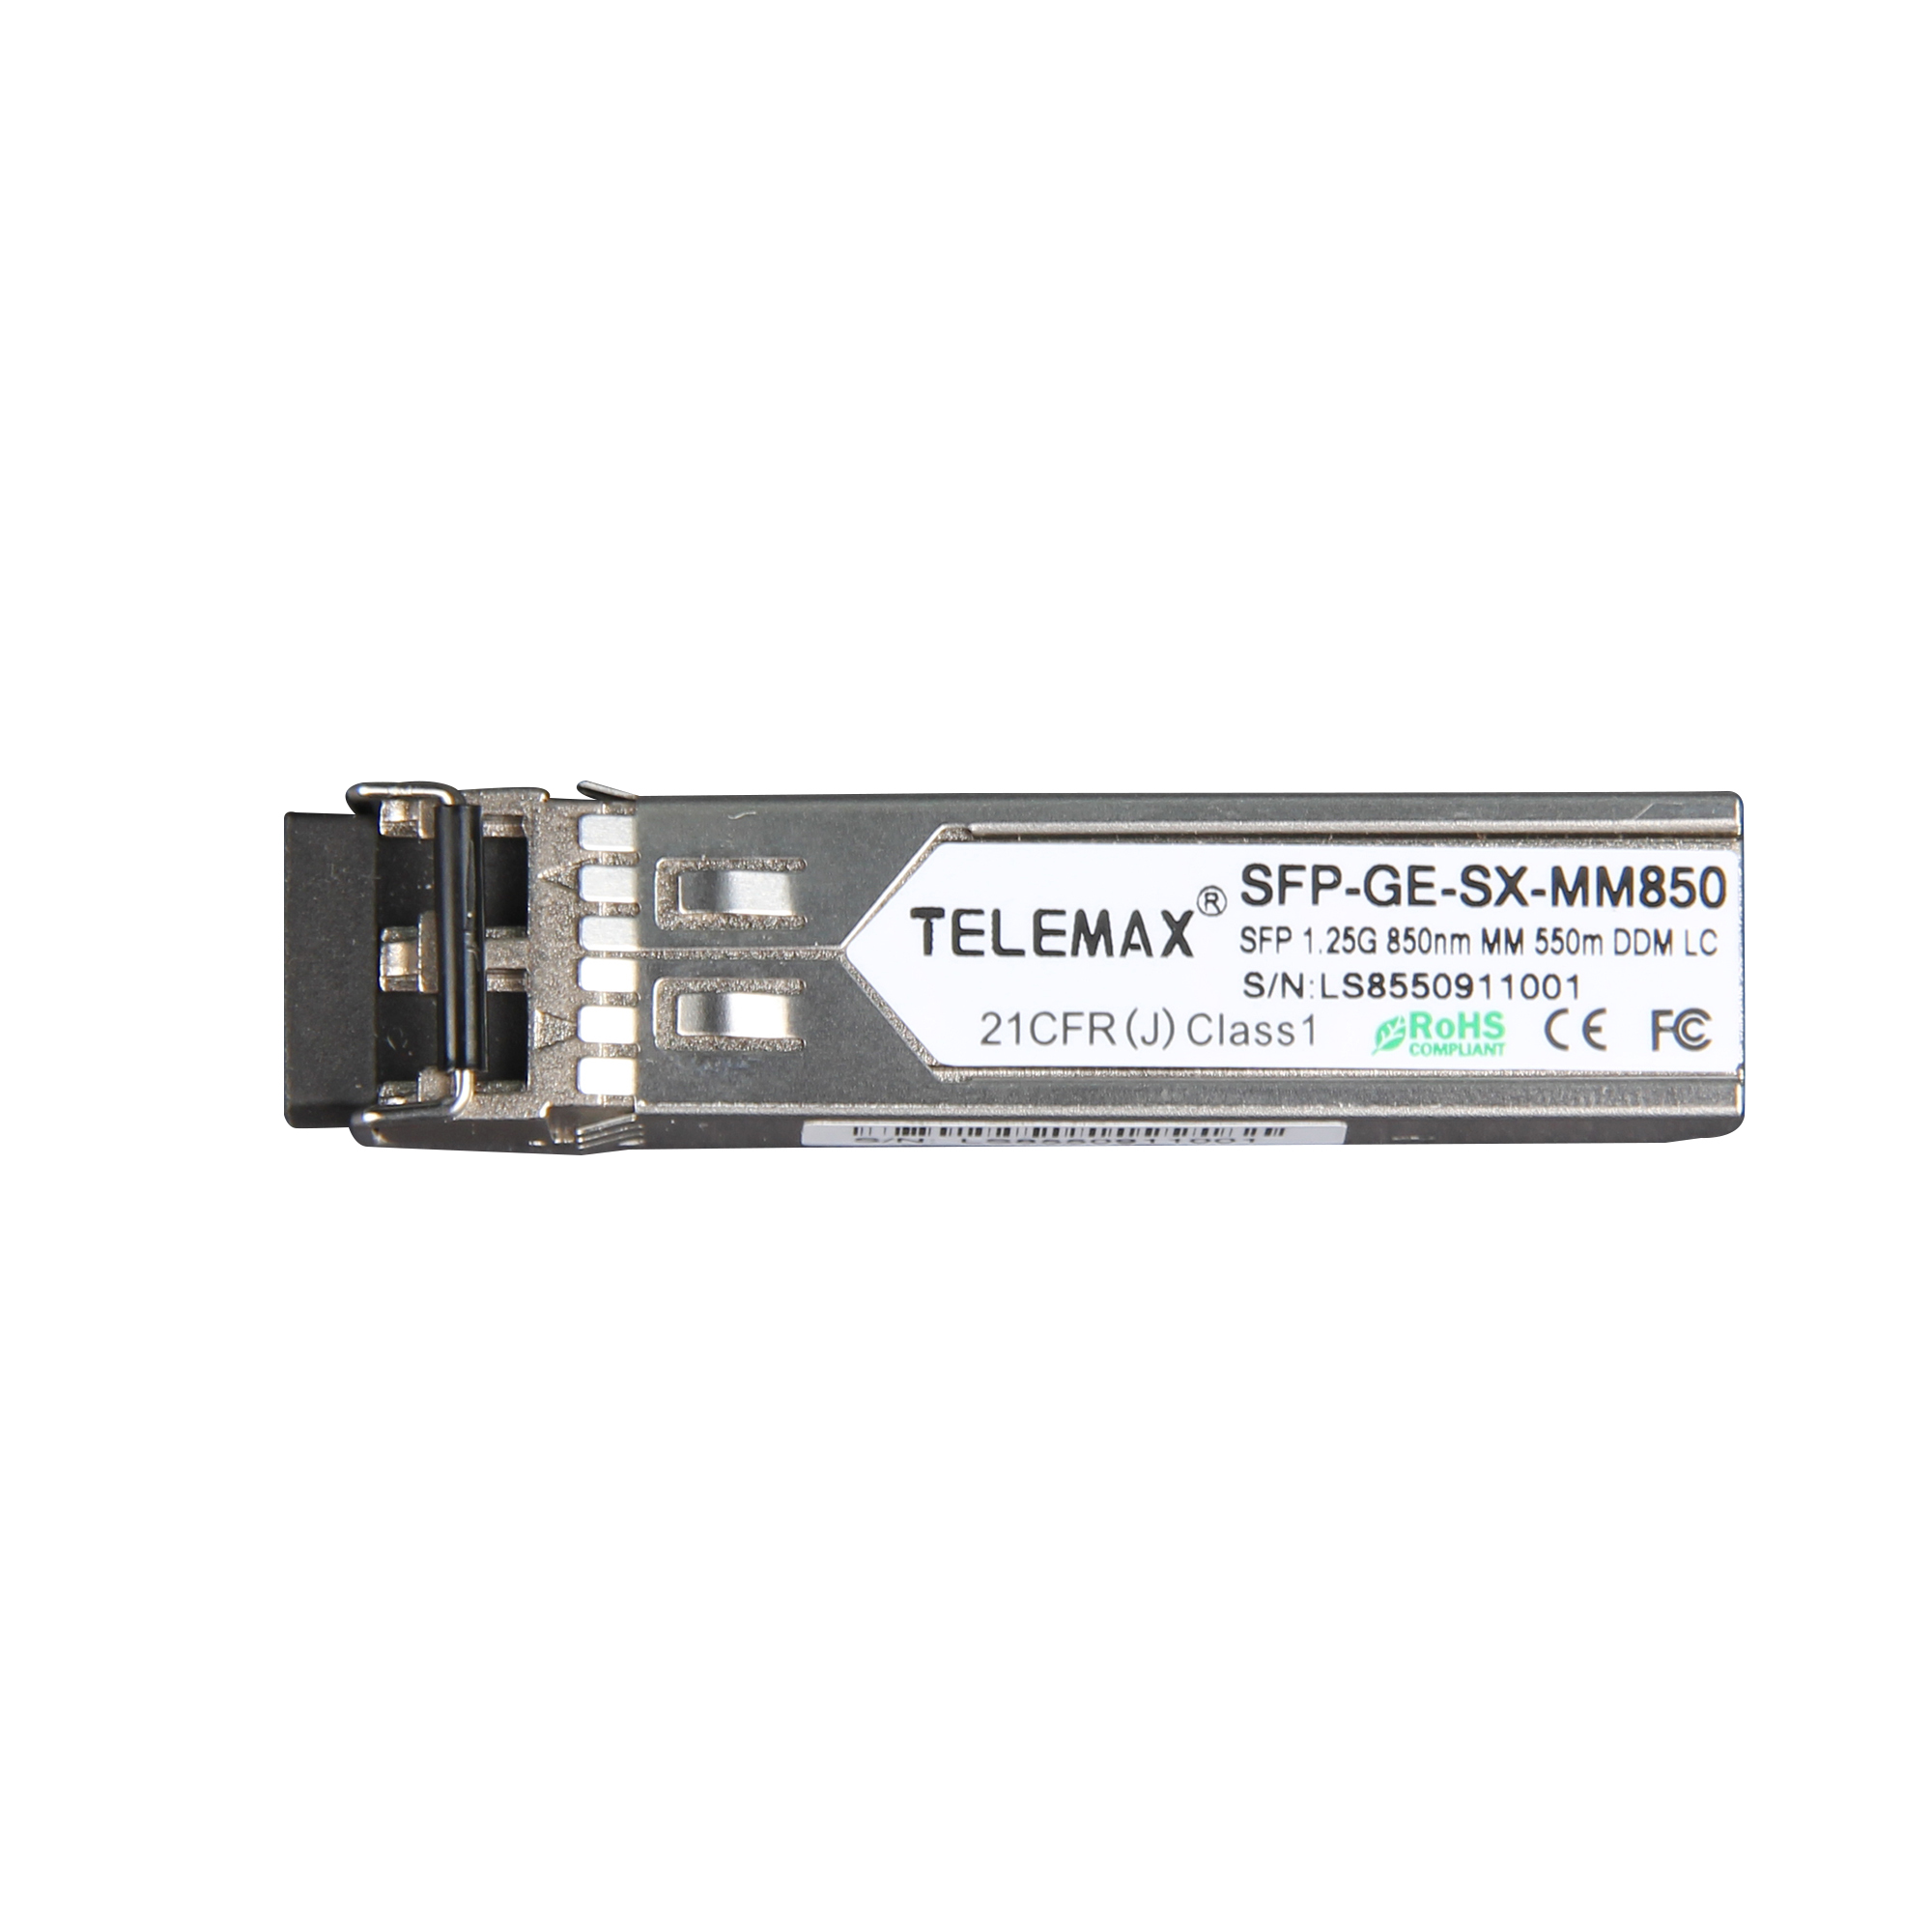 SFP 1.25G 850nm MM 550 DDM LC